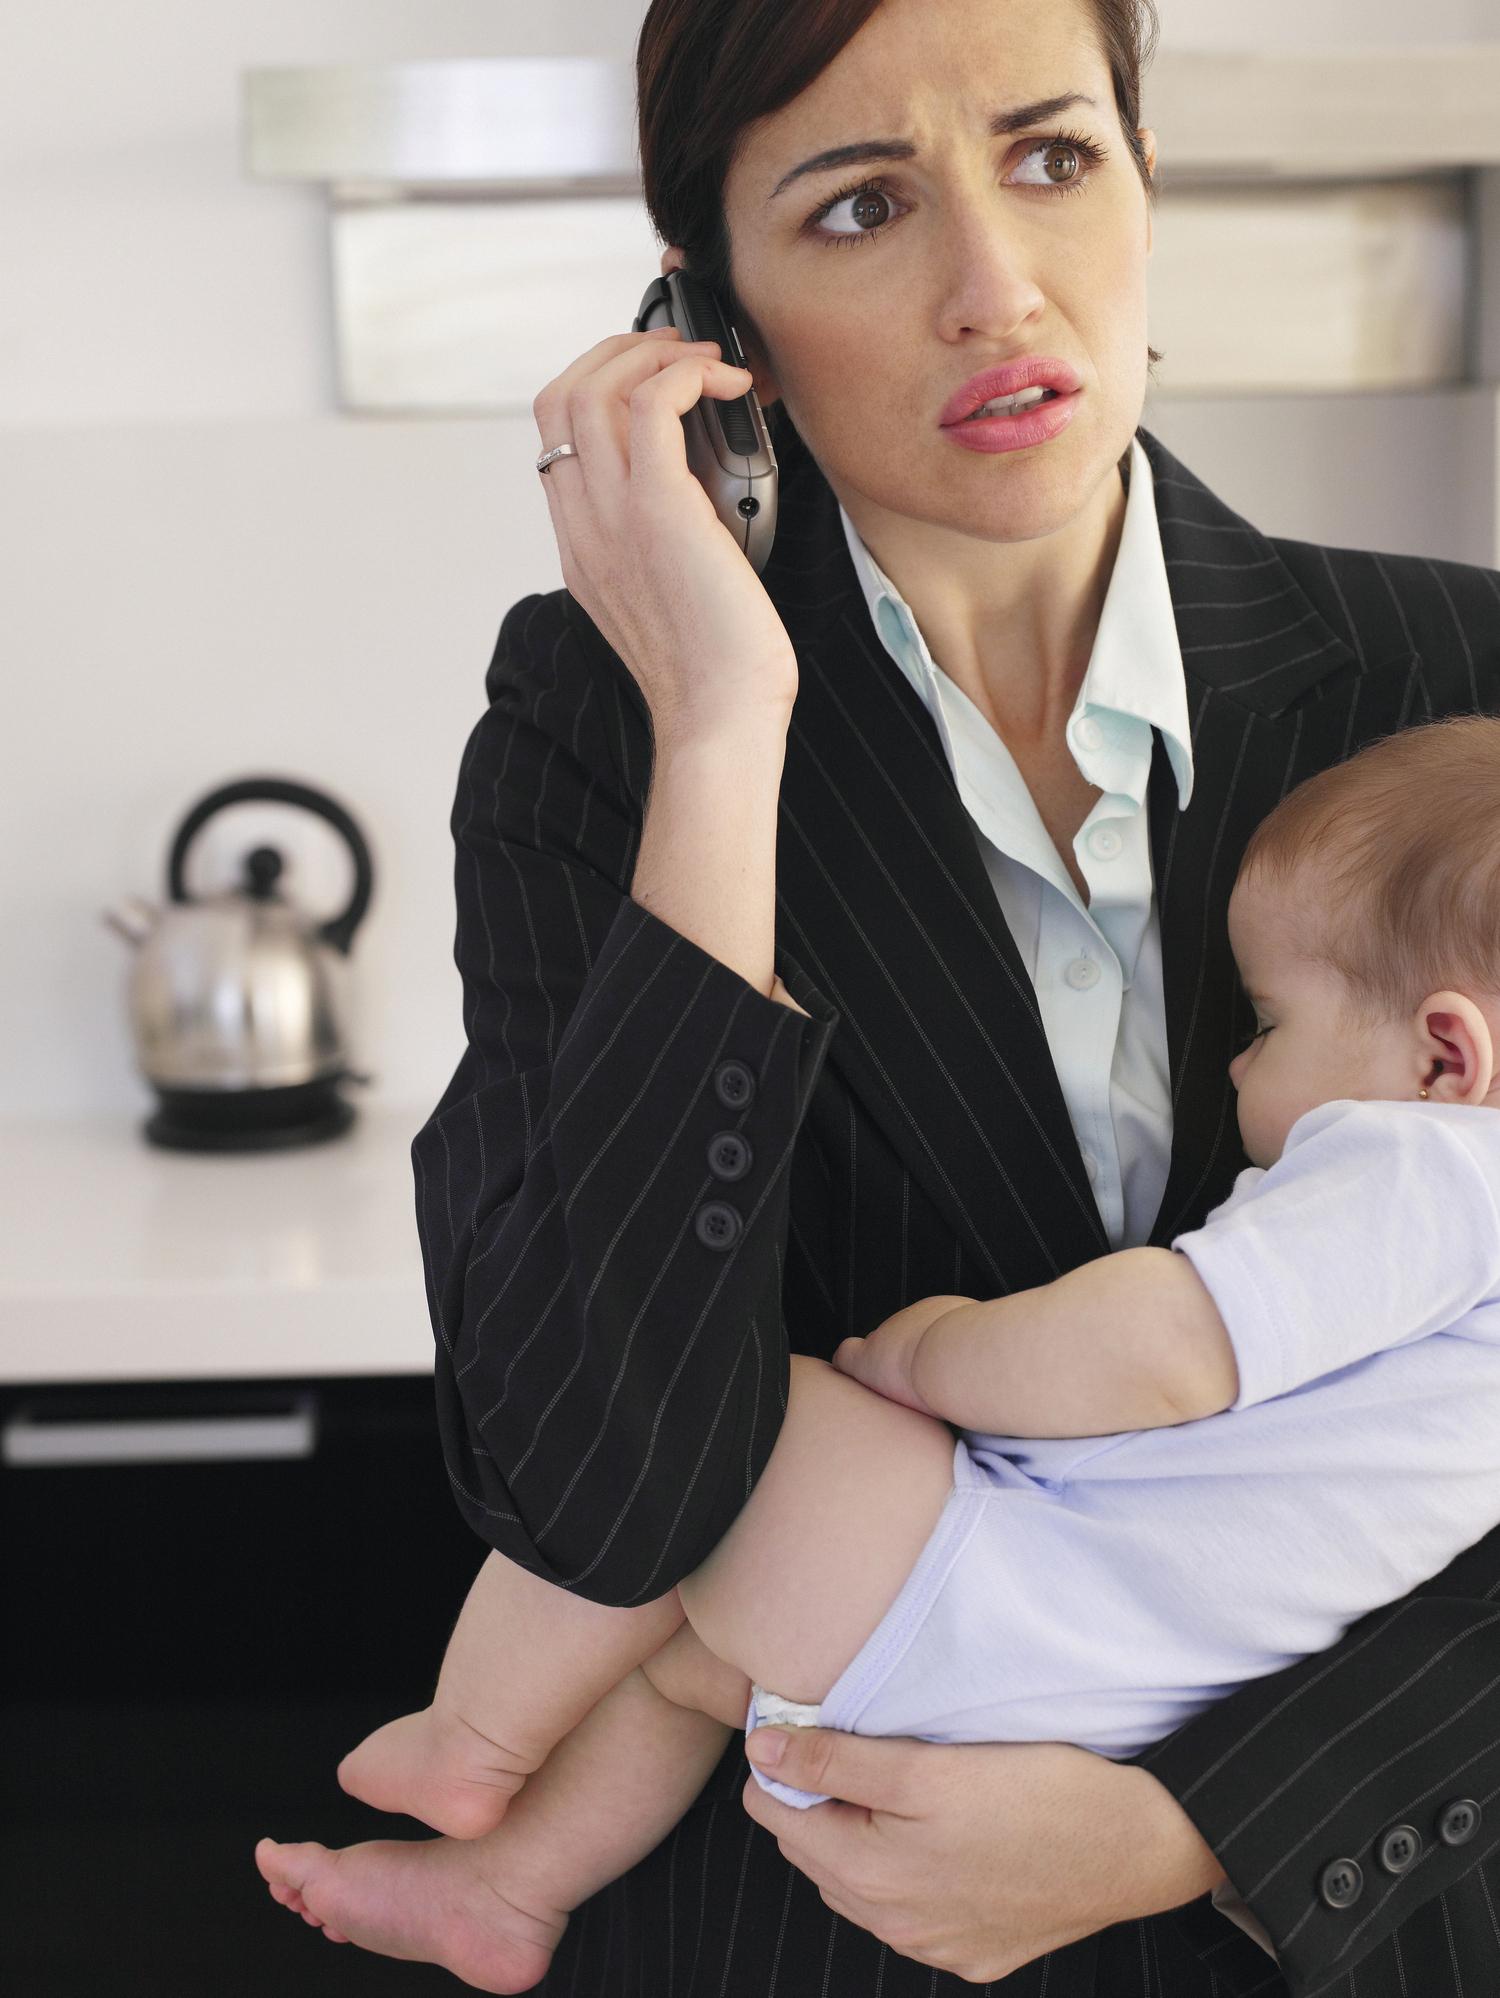 Télétravail: les femmes plus souvent interrompues par des tâches liées à la gestion du foyer